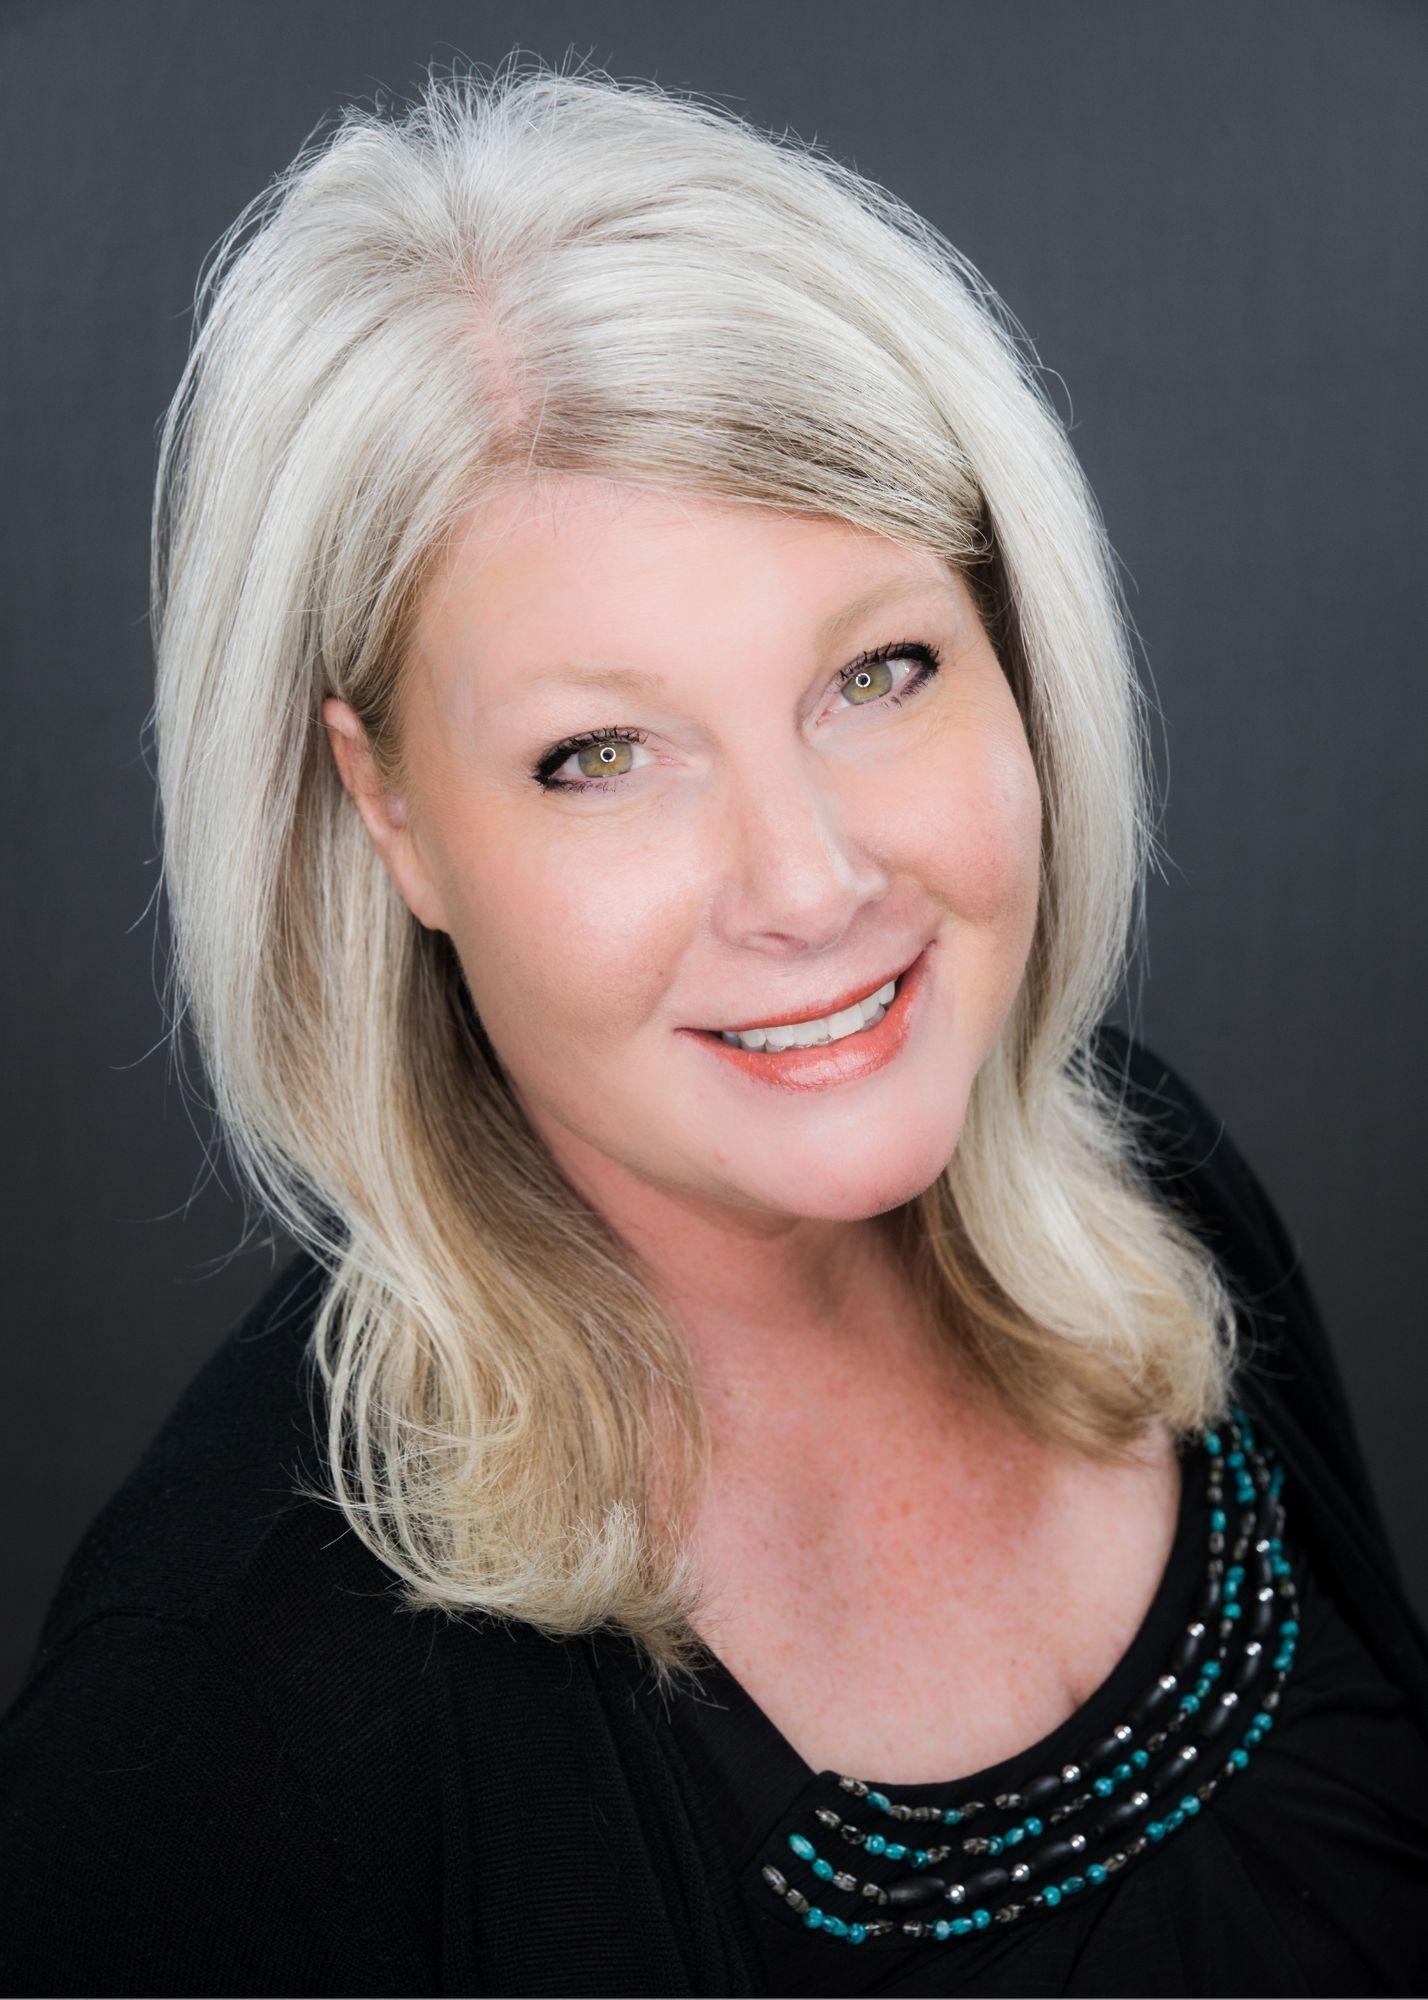 Julie Fuller